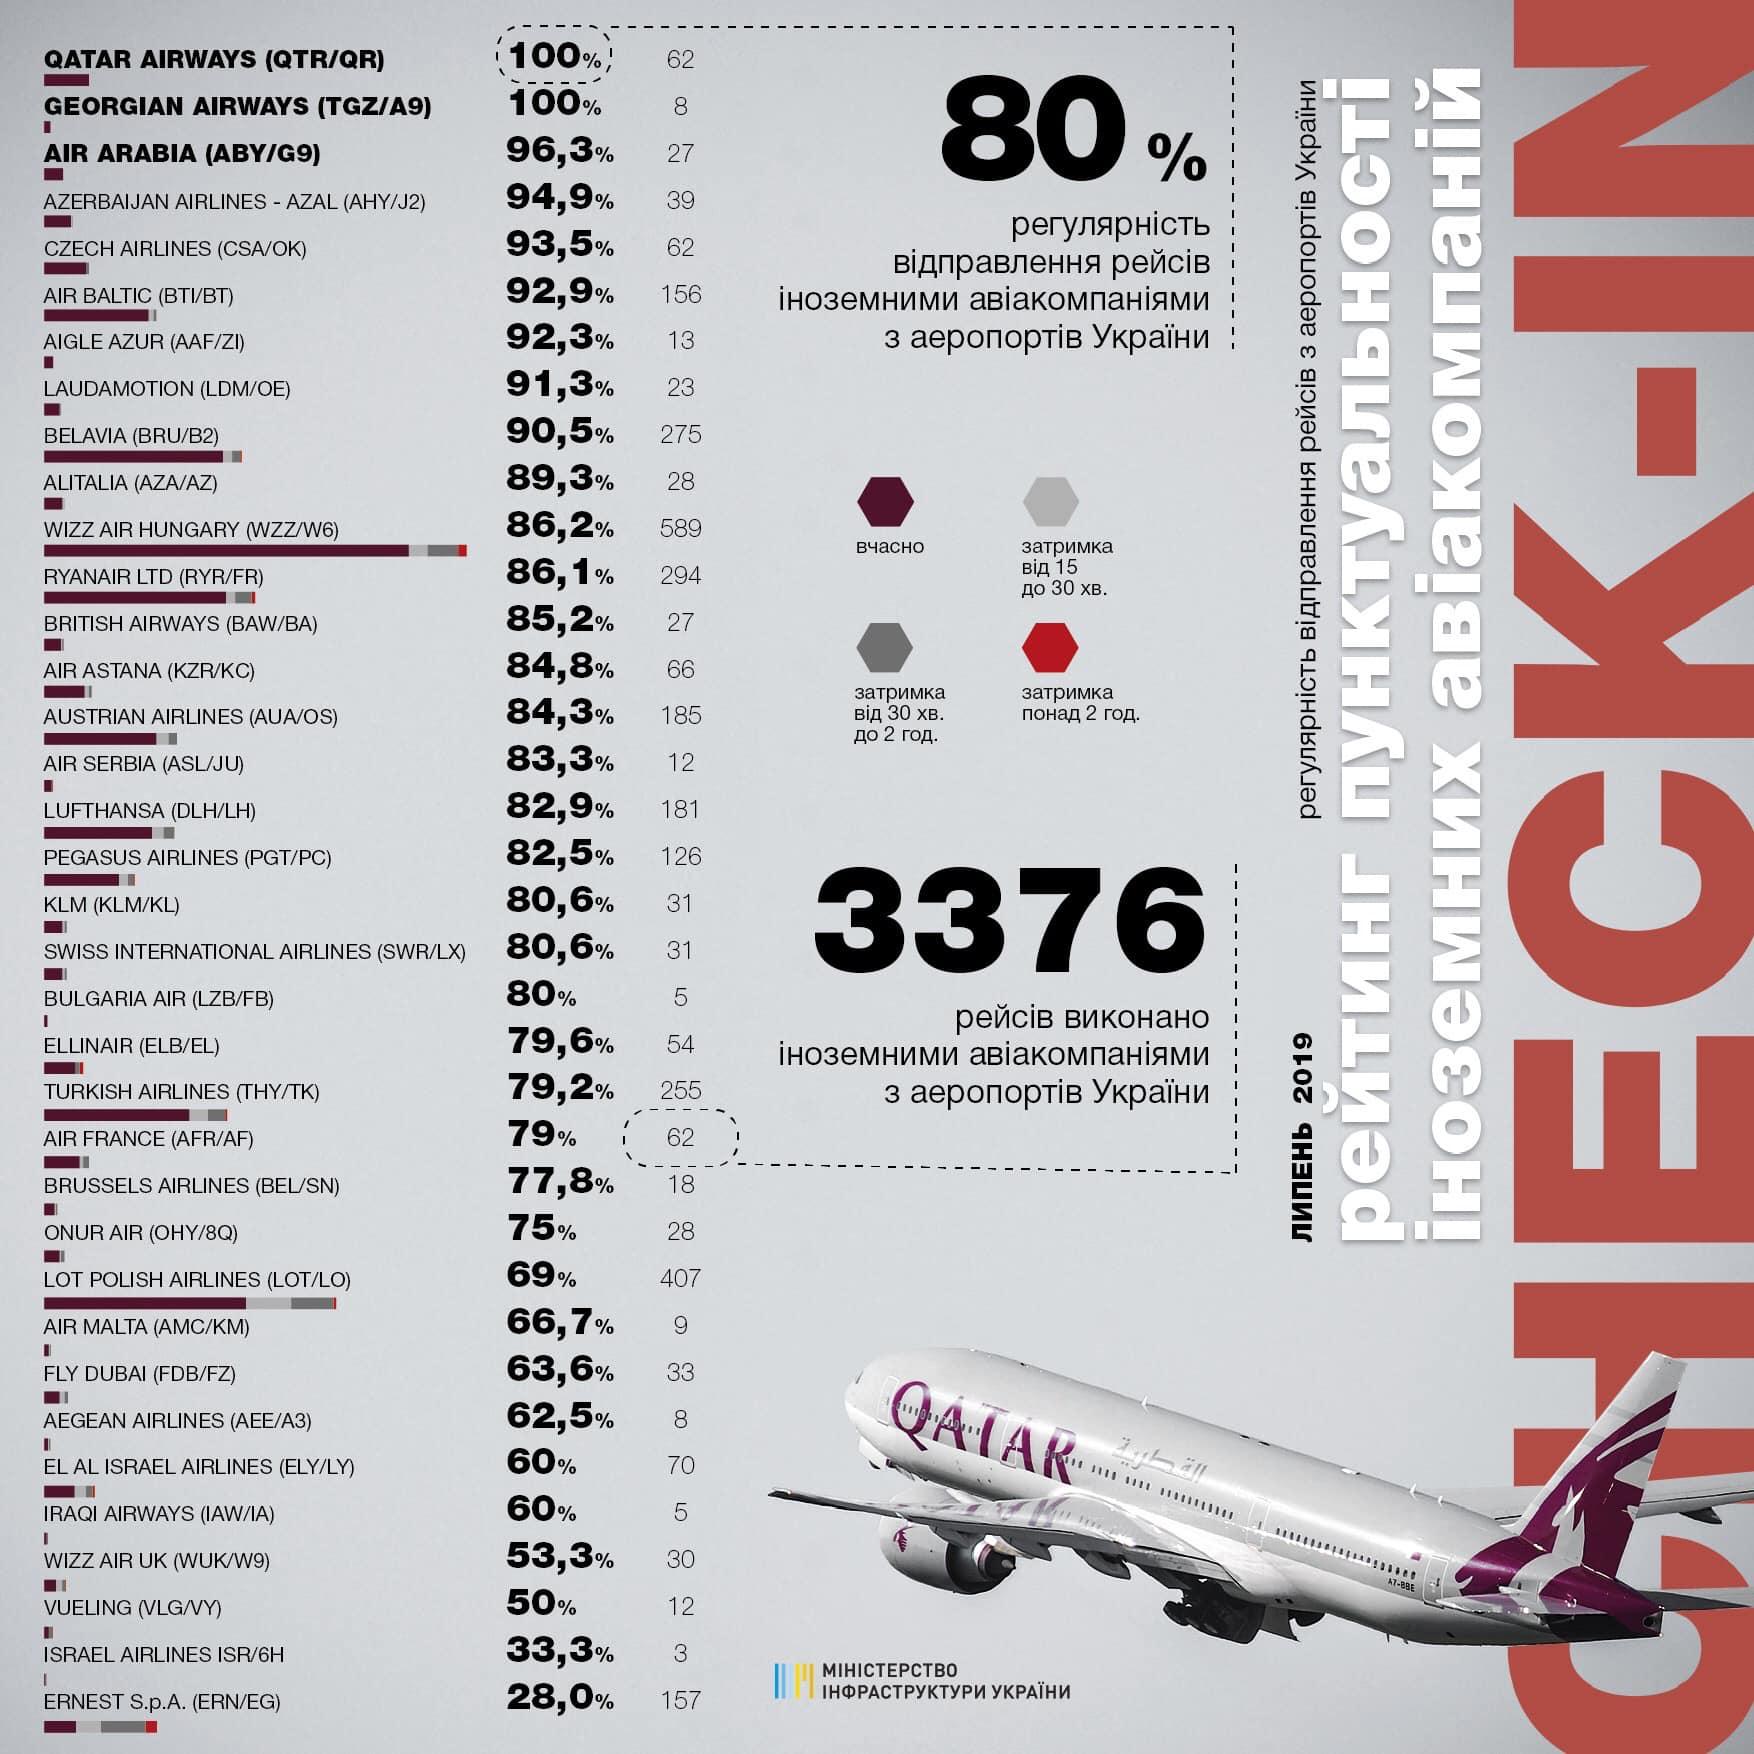 Рейтинг пунктуальности иностранных авиакомпаний в июле 2019 года